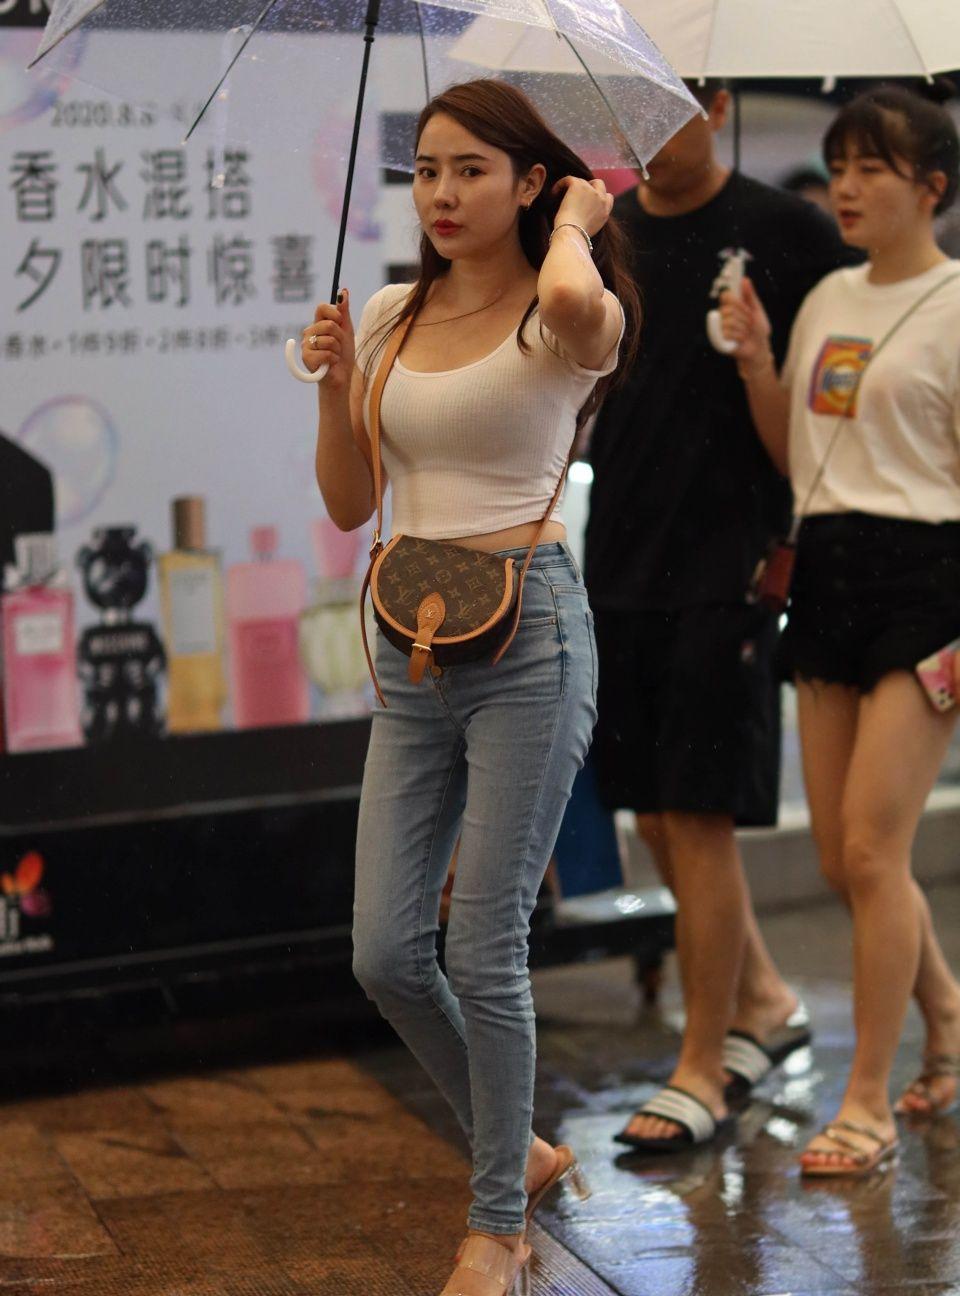 牛仔裤,轻松秀出夏日清凉又显身材的美,时尚女生都爱这么穿